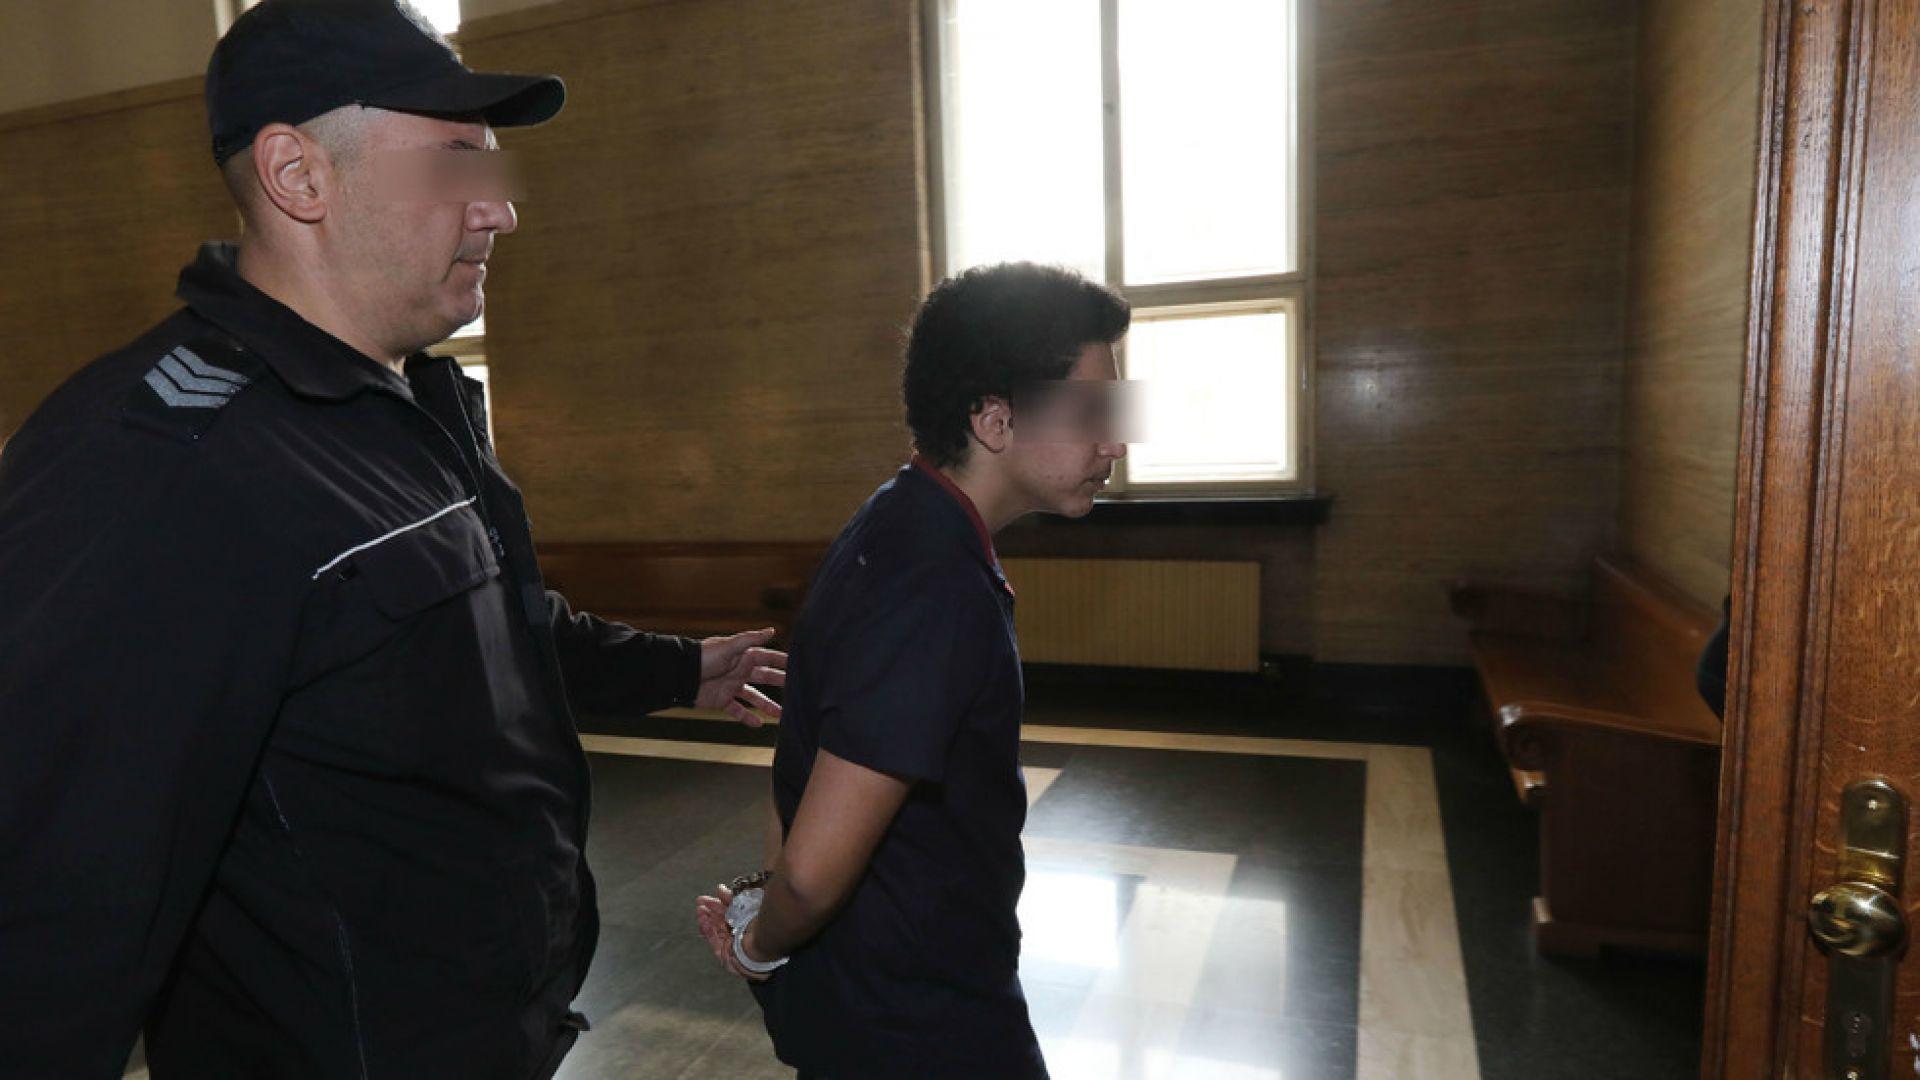 """Освободиха Даниал, който намушка друго момче в """"Надежда"""", тормозели го в ареста"""